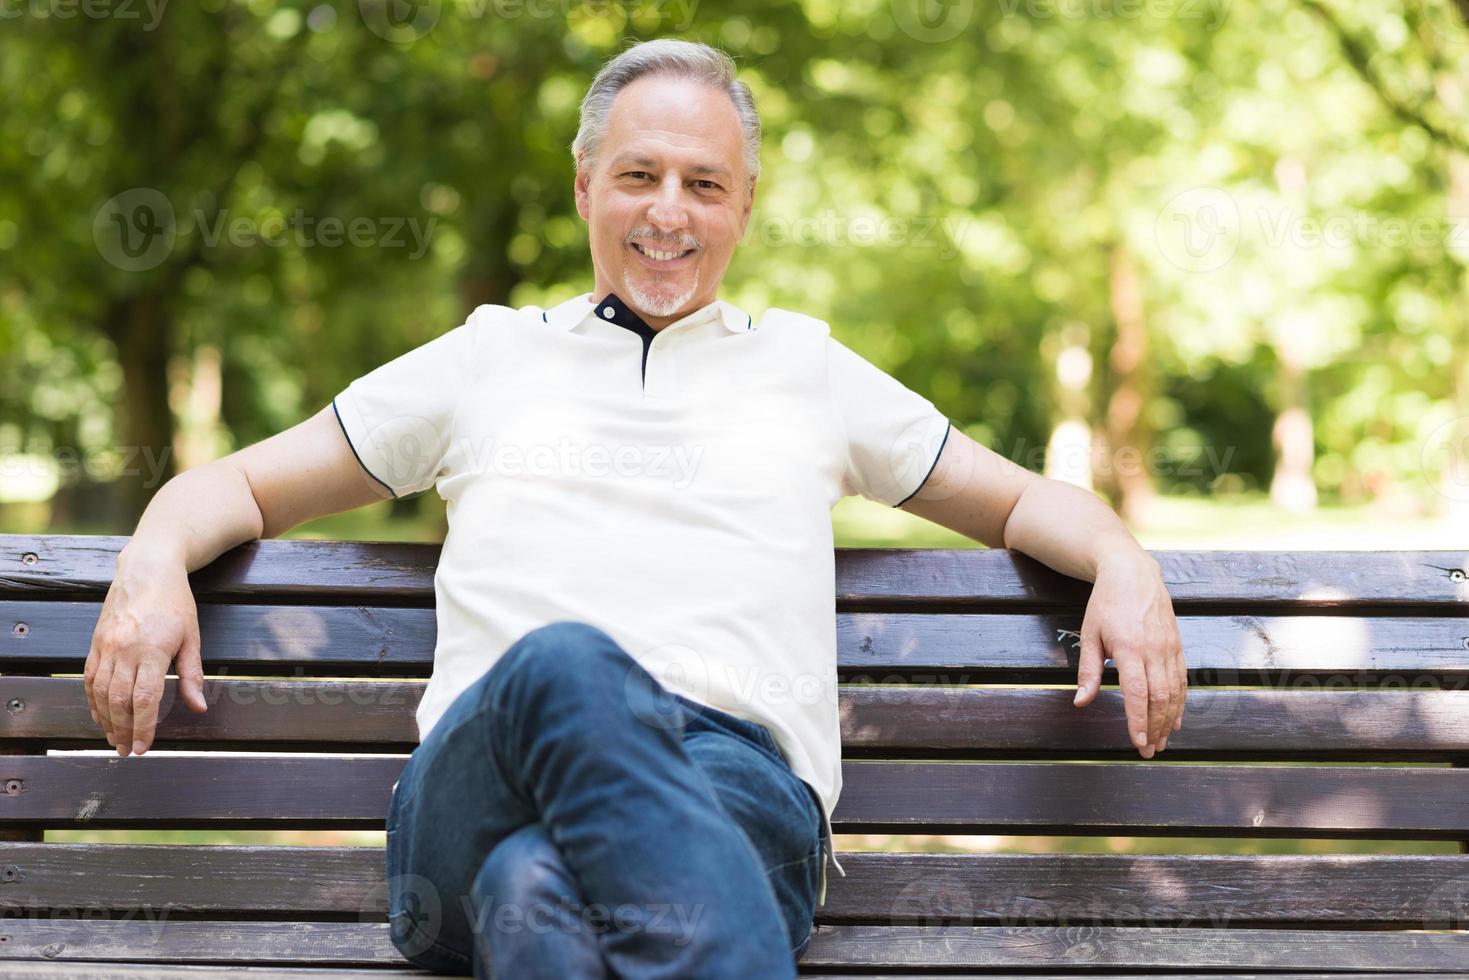 homme mûr se détendre dans un parc photo